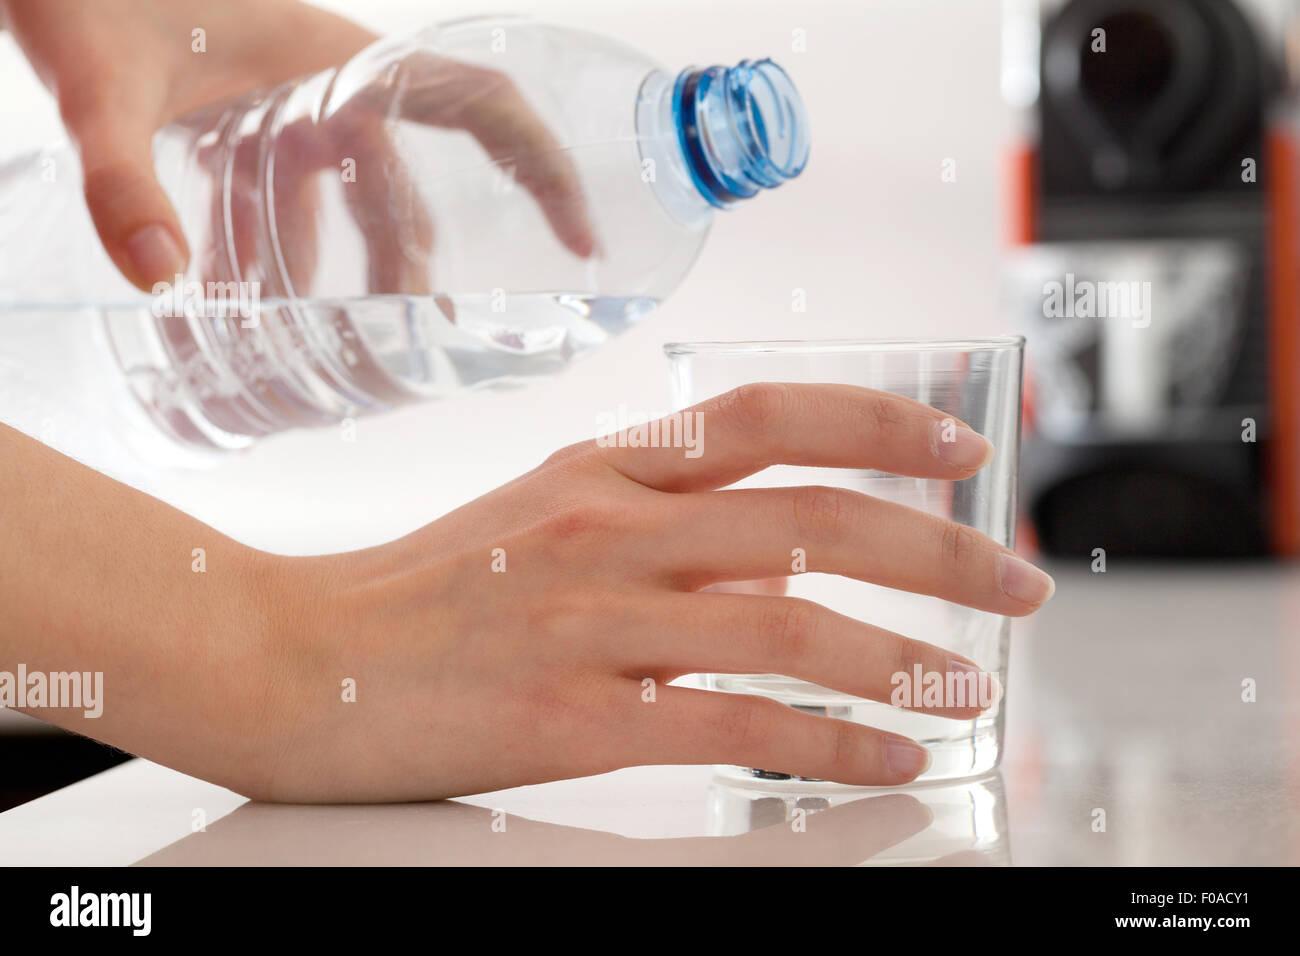 Mani femminili versando acqua in bottiglia in vetro Immagini Stock